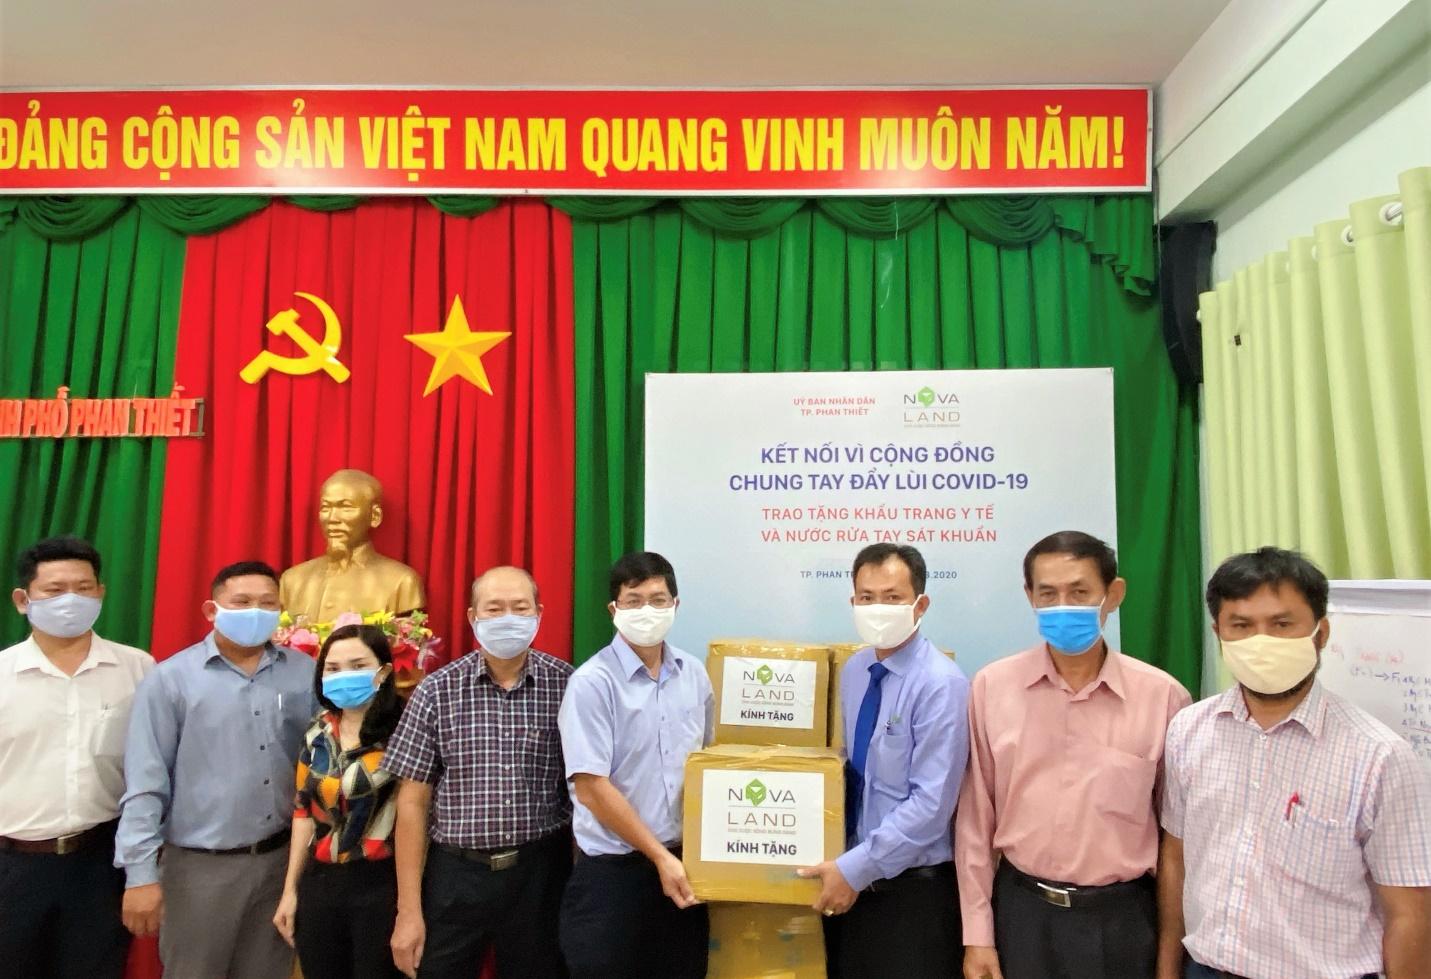 Novaland hỗ trợ trang thiết bị y tế cho Bình Thuận phòng, chống COVID-19 - Ảnh 2.